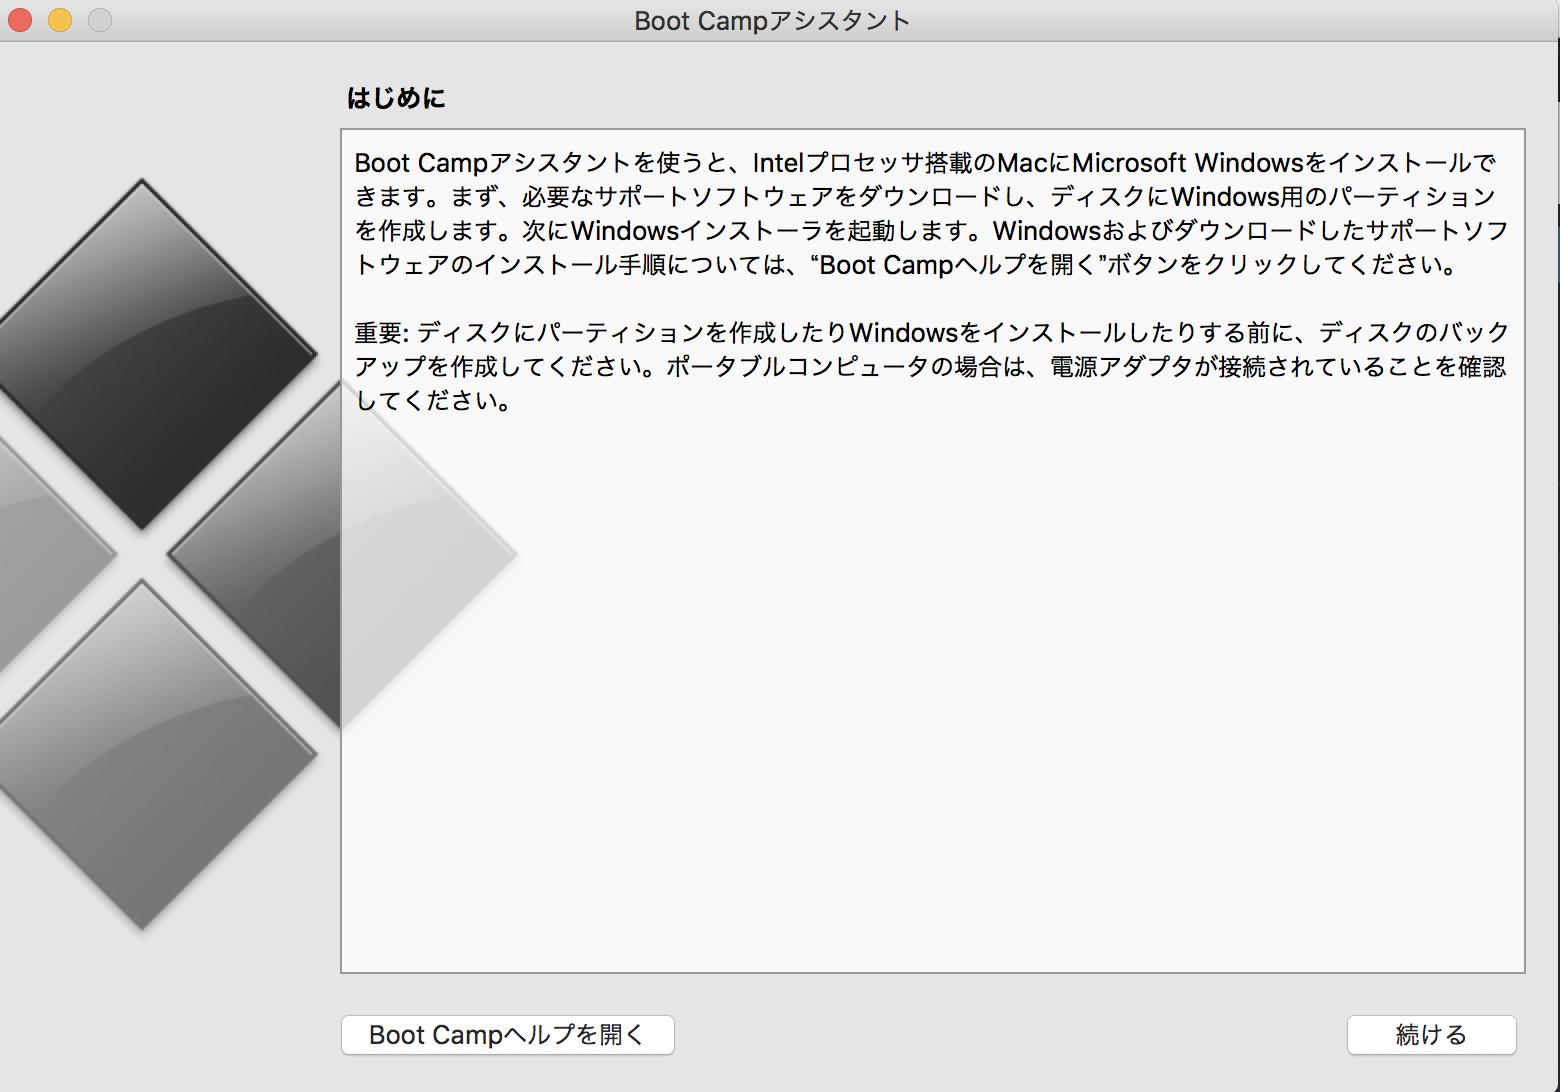 Bootcampアシスタントインストール画面1